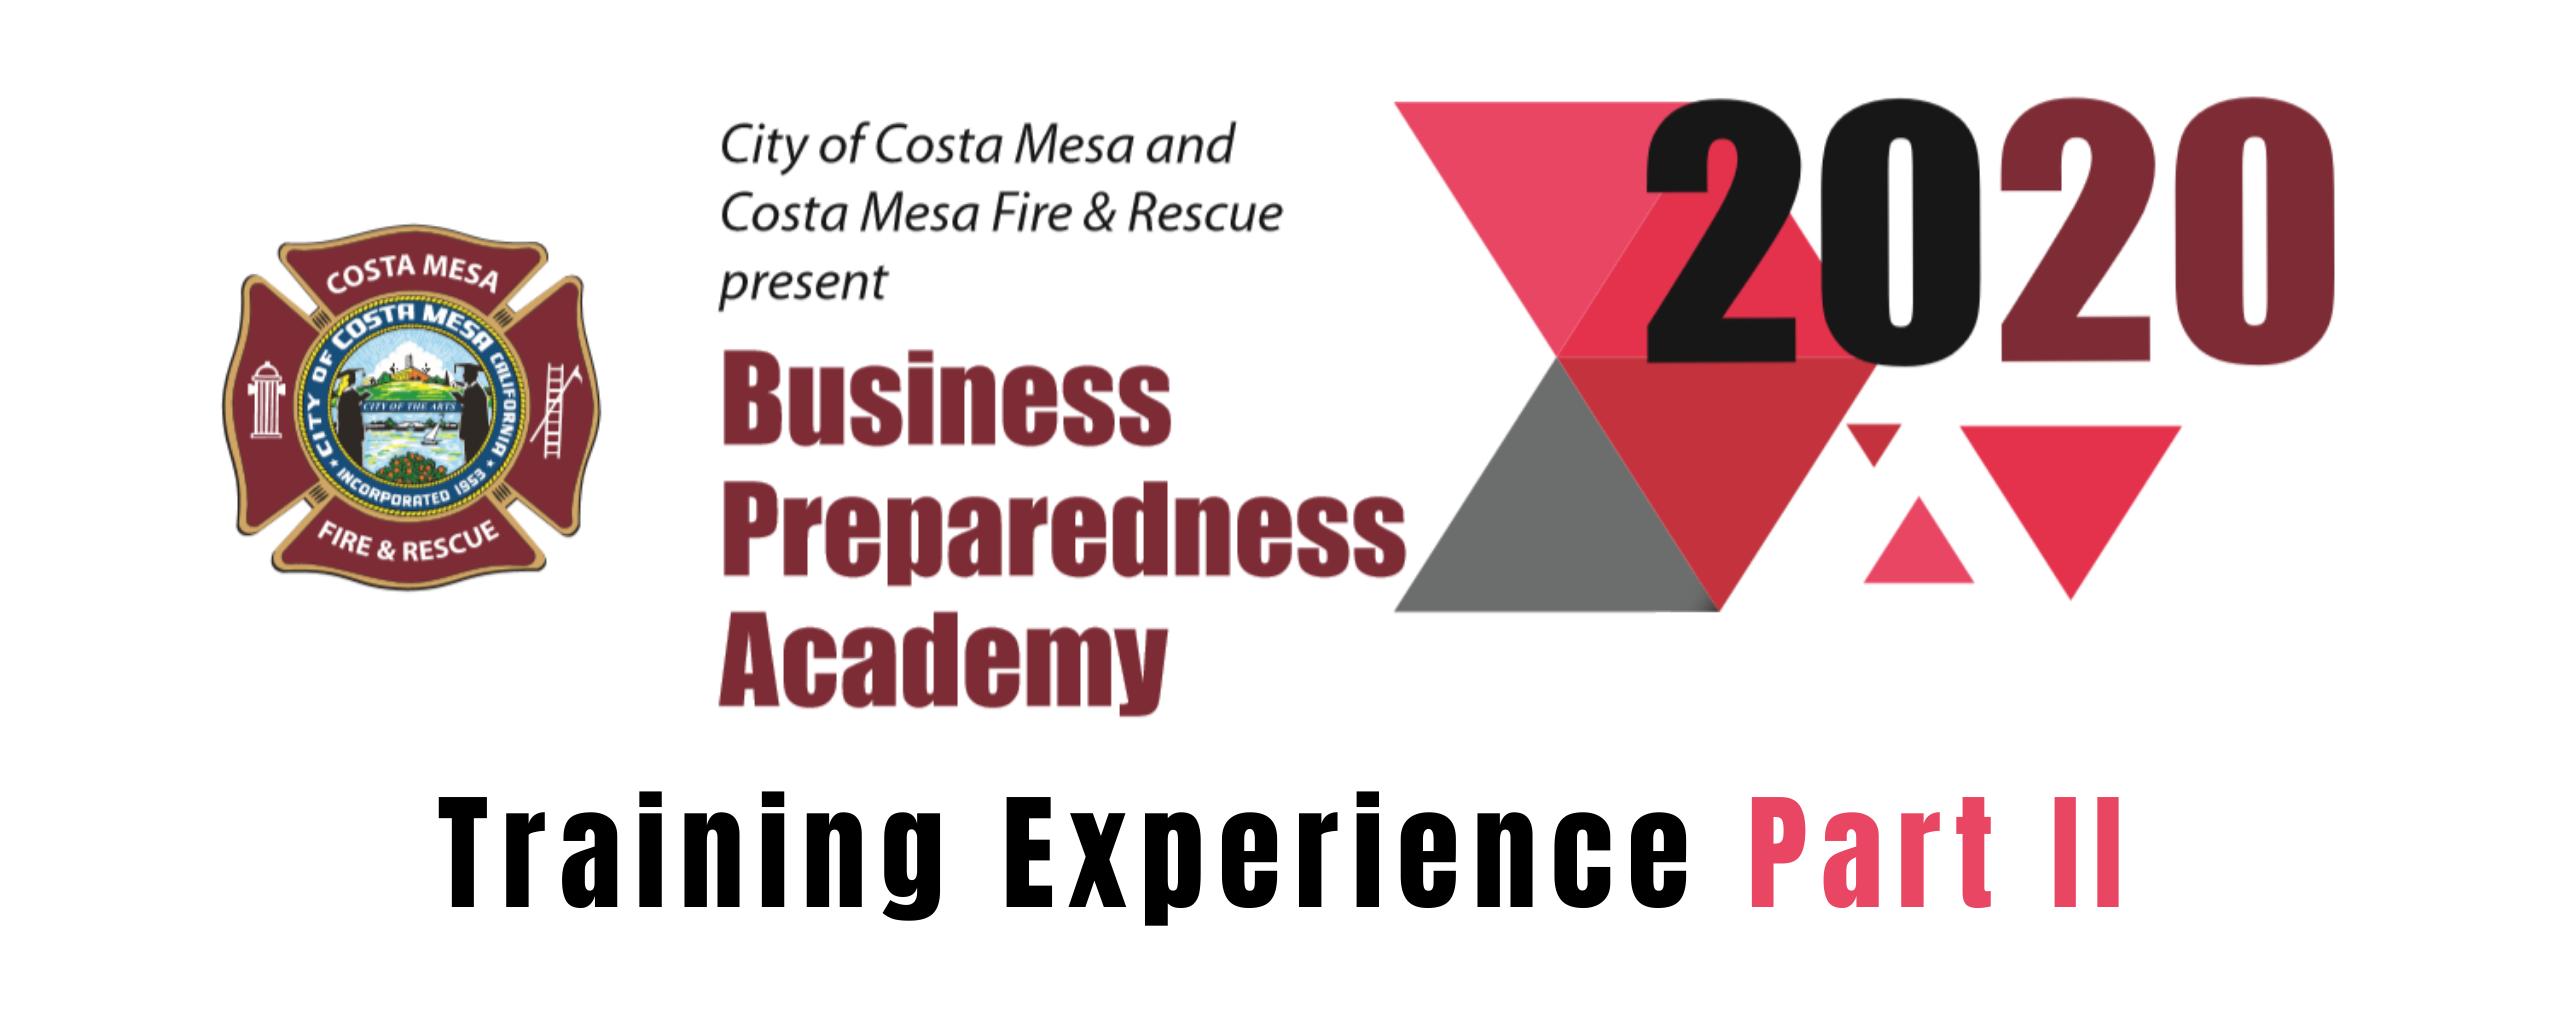 City of Costa Mesa and Costa Mesa Fire & Rescue Business Preparedness Academy